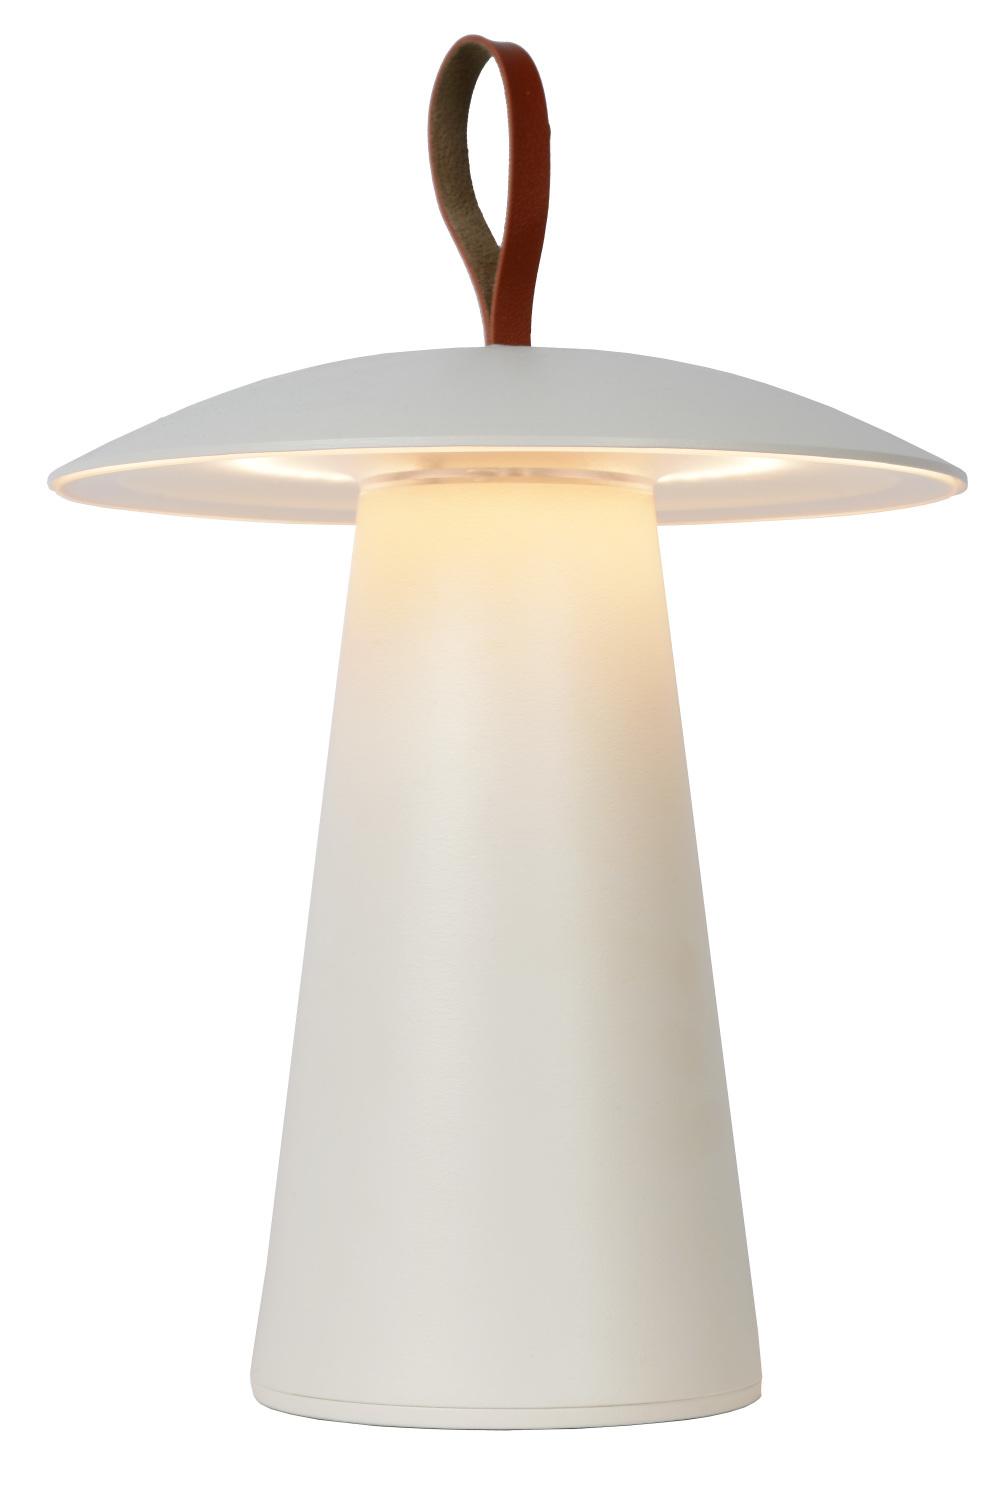 Lucide LA DONNA Tafellamp Led 2W 2700K Wit